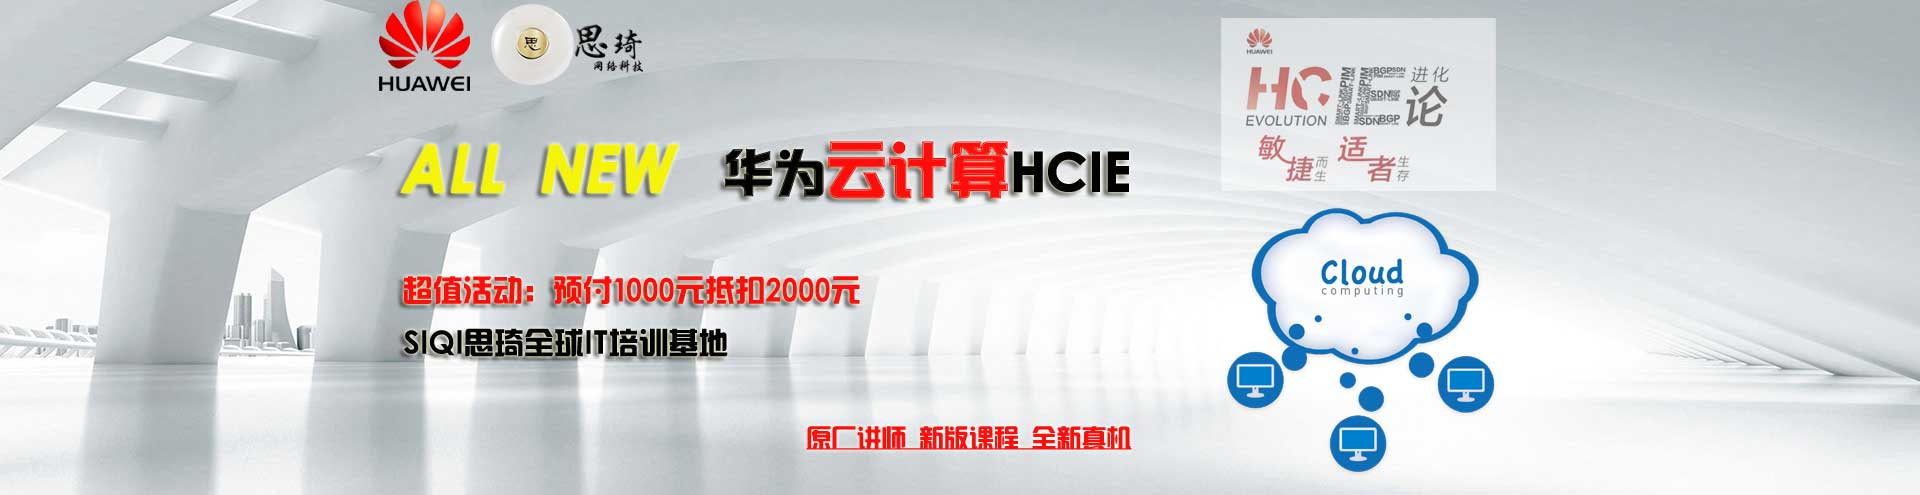 HCIE存储